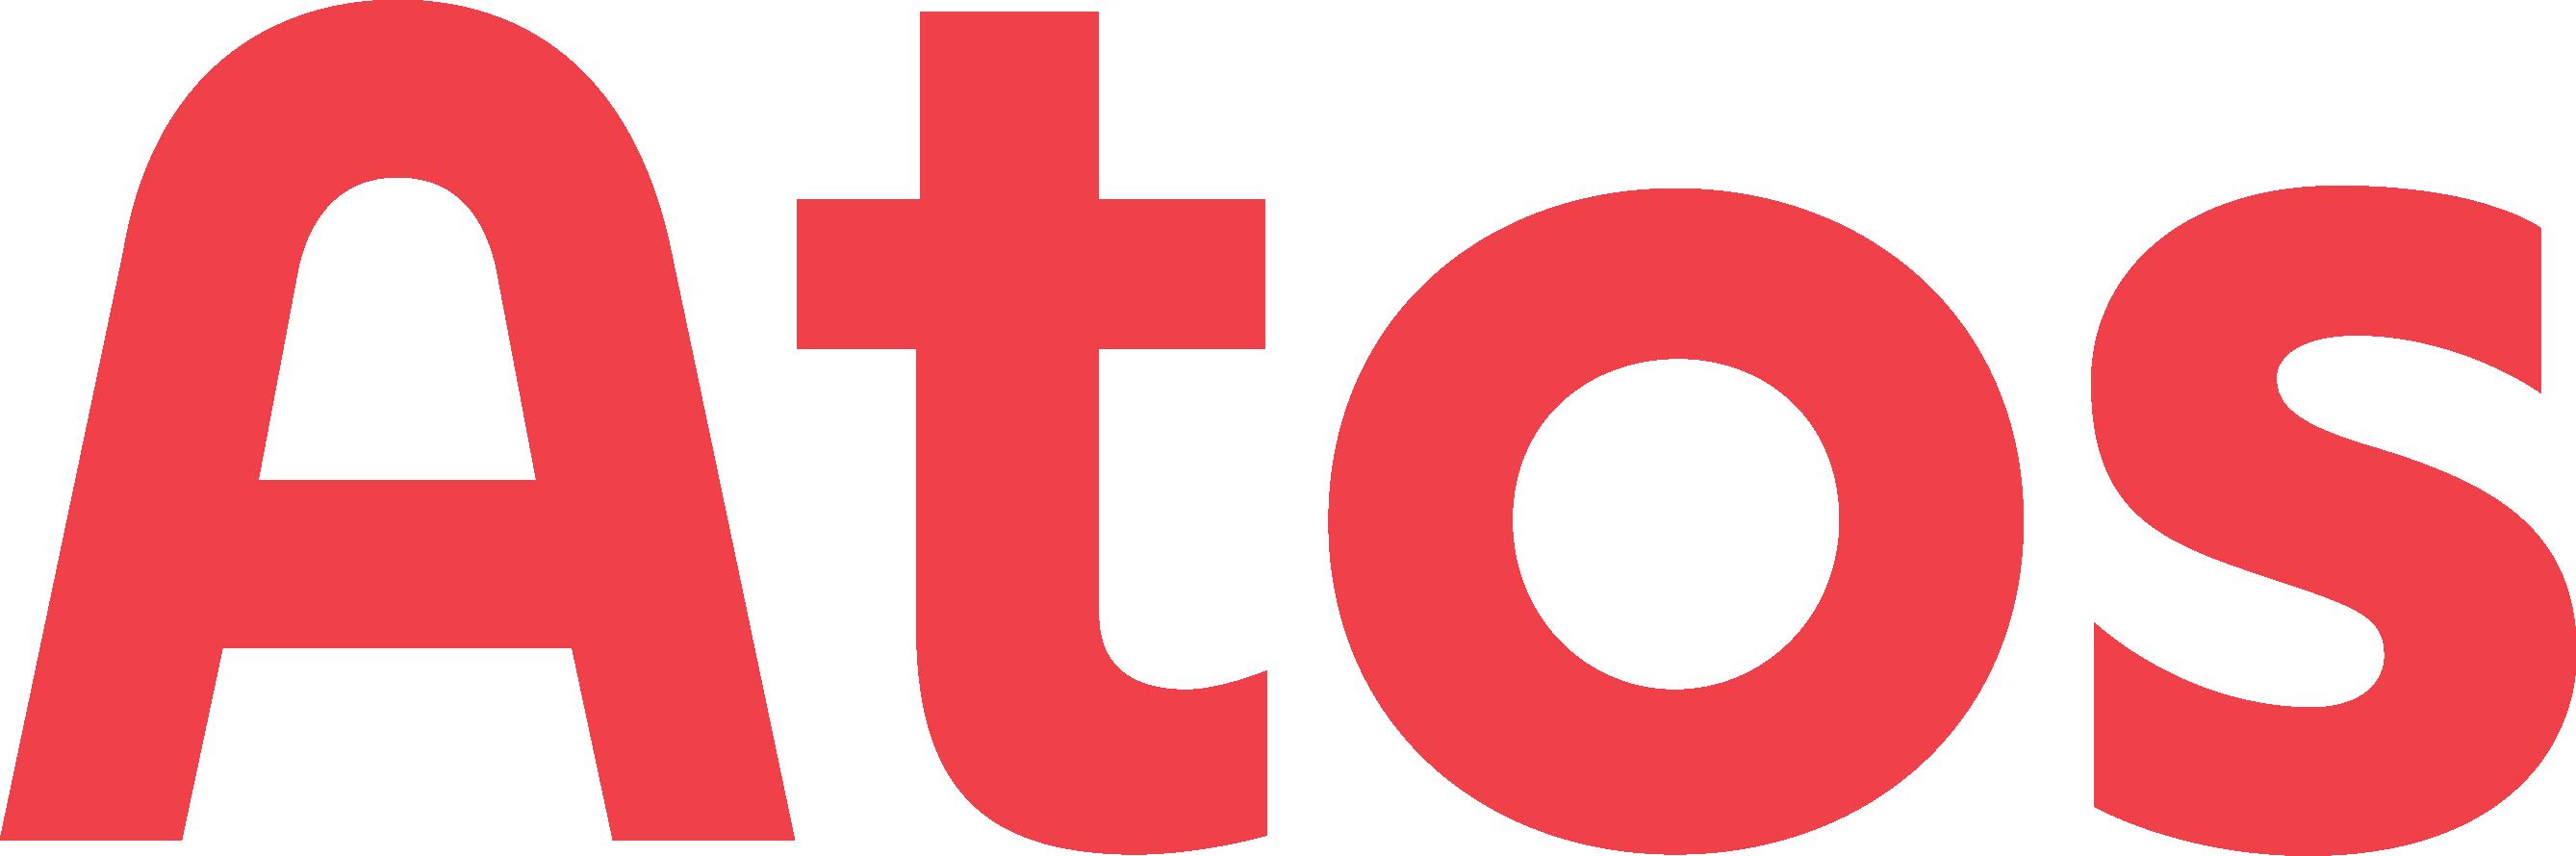 Atos Logo PNG - 39295